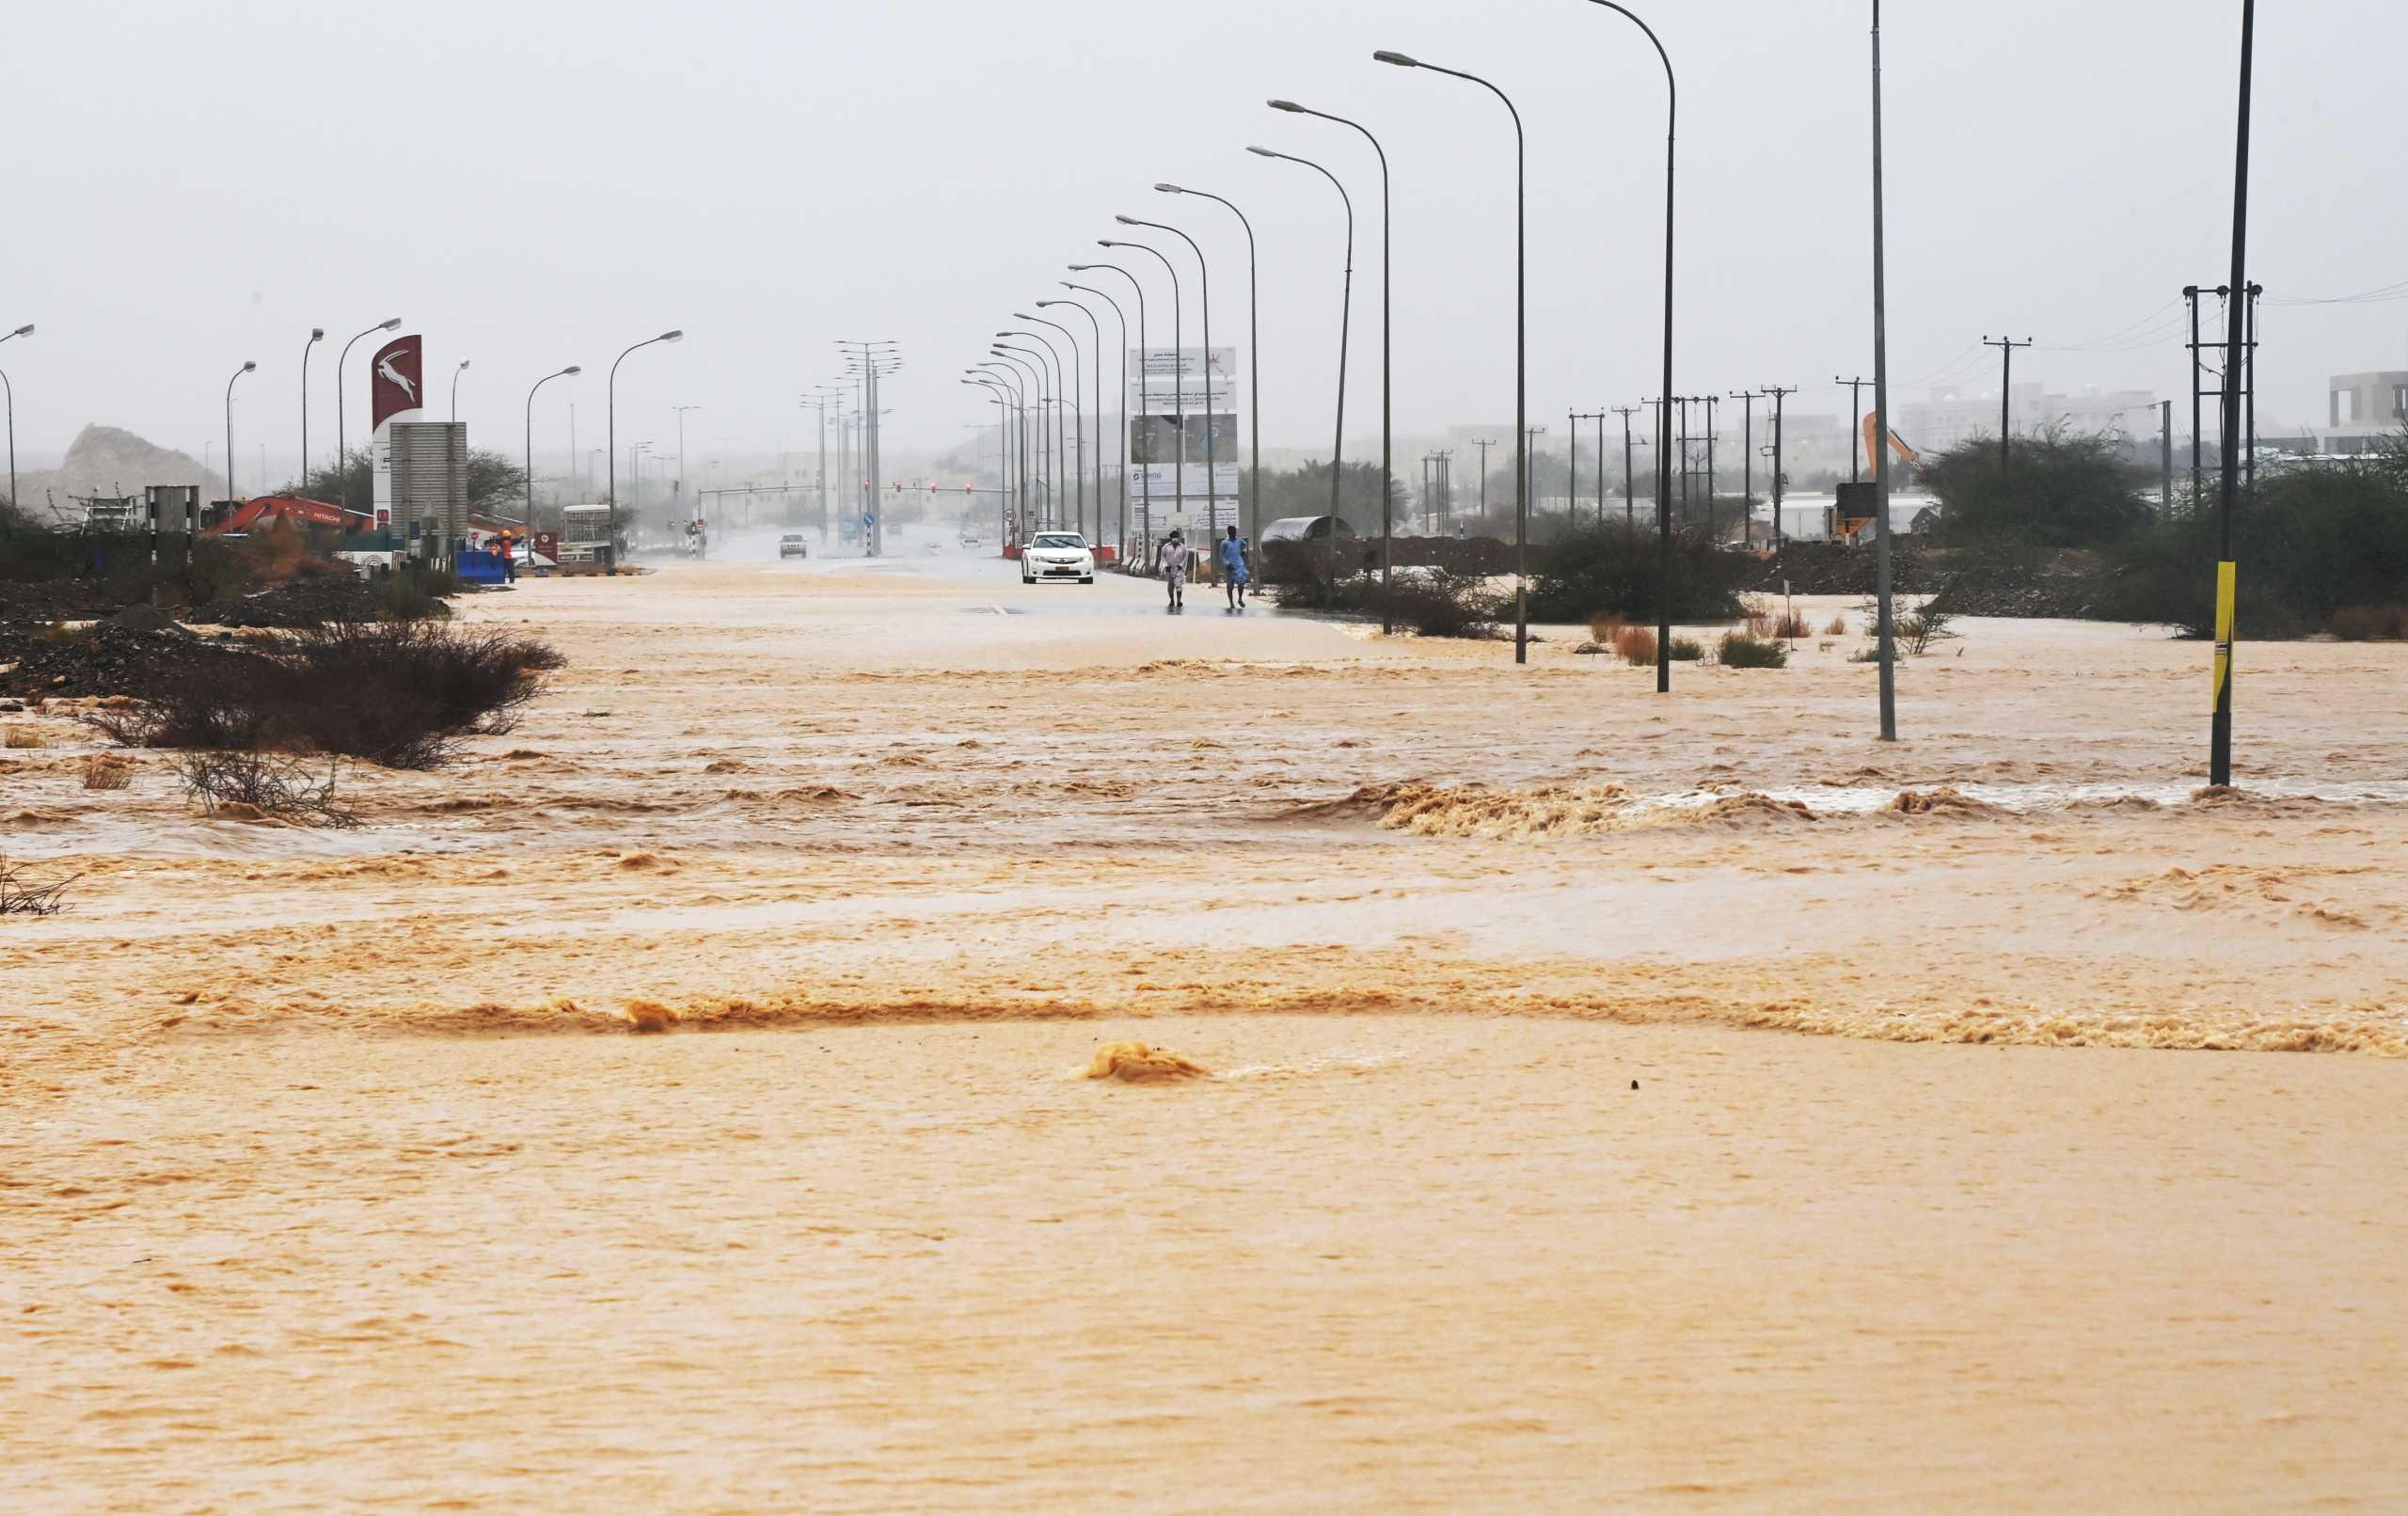 Το Ομάν «πνίγεται» από τον τυφώνα Σαχίν – Τρεις νεκροί και εικόνες αποκάλυψης